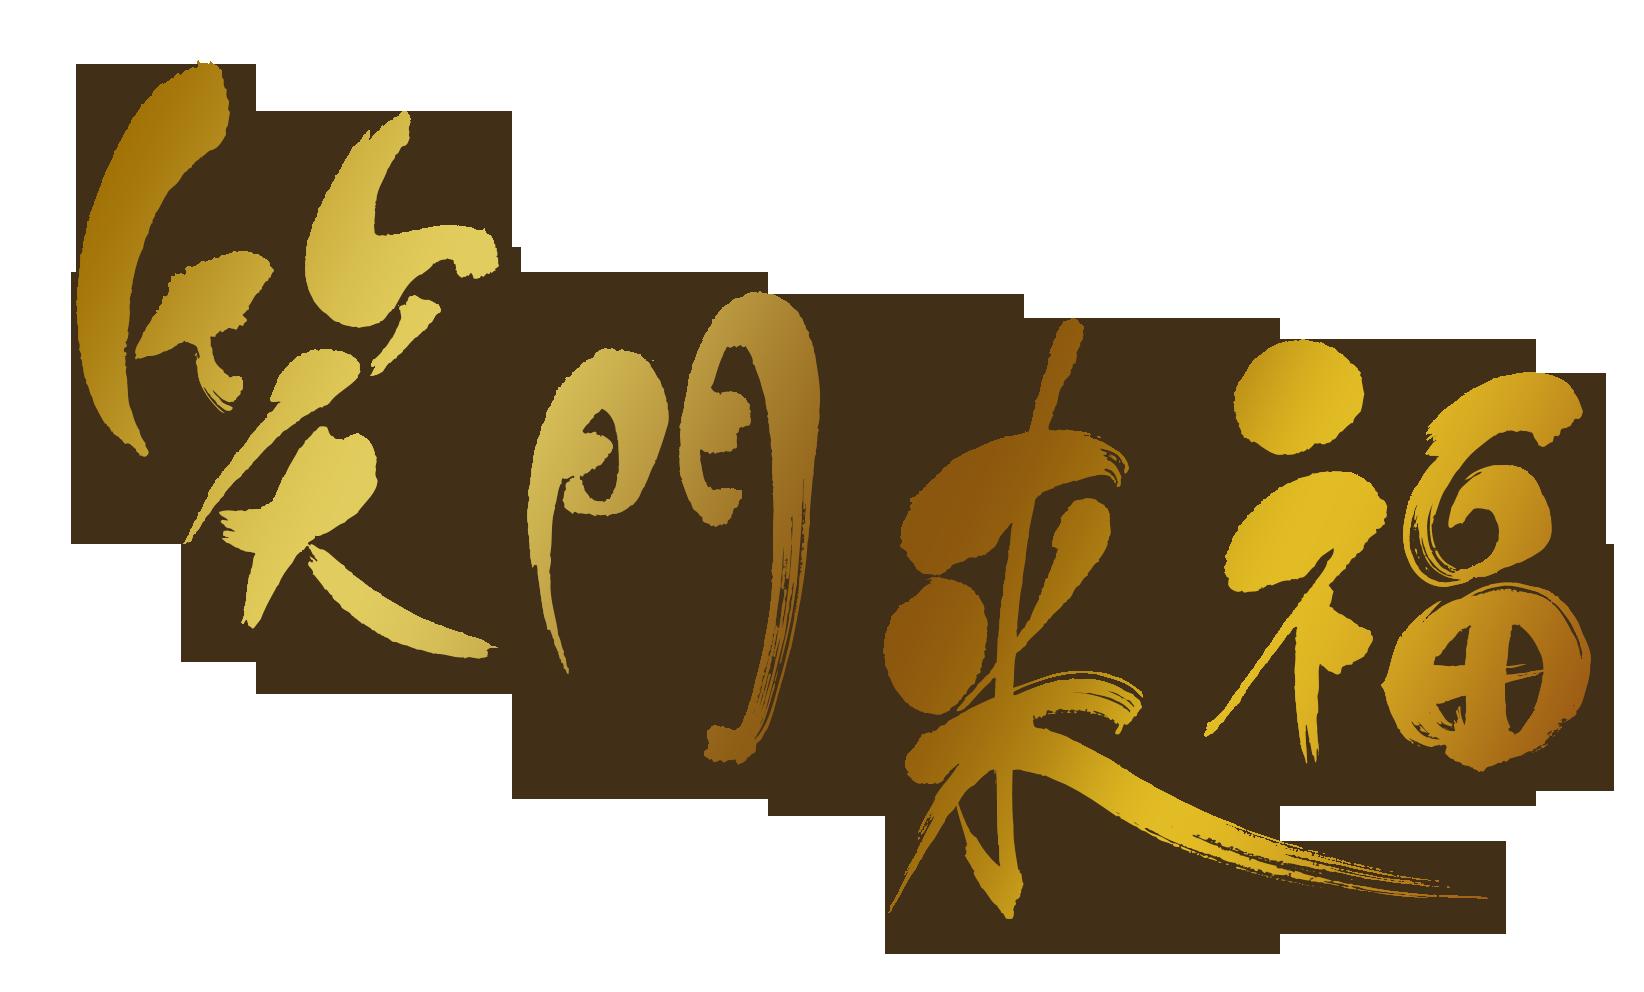 【明けまして】2017年スタート【おめでとうございます】 [2017 01/04]